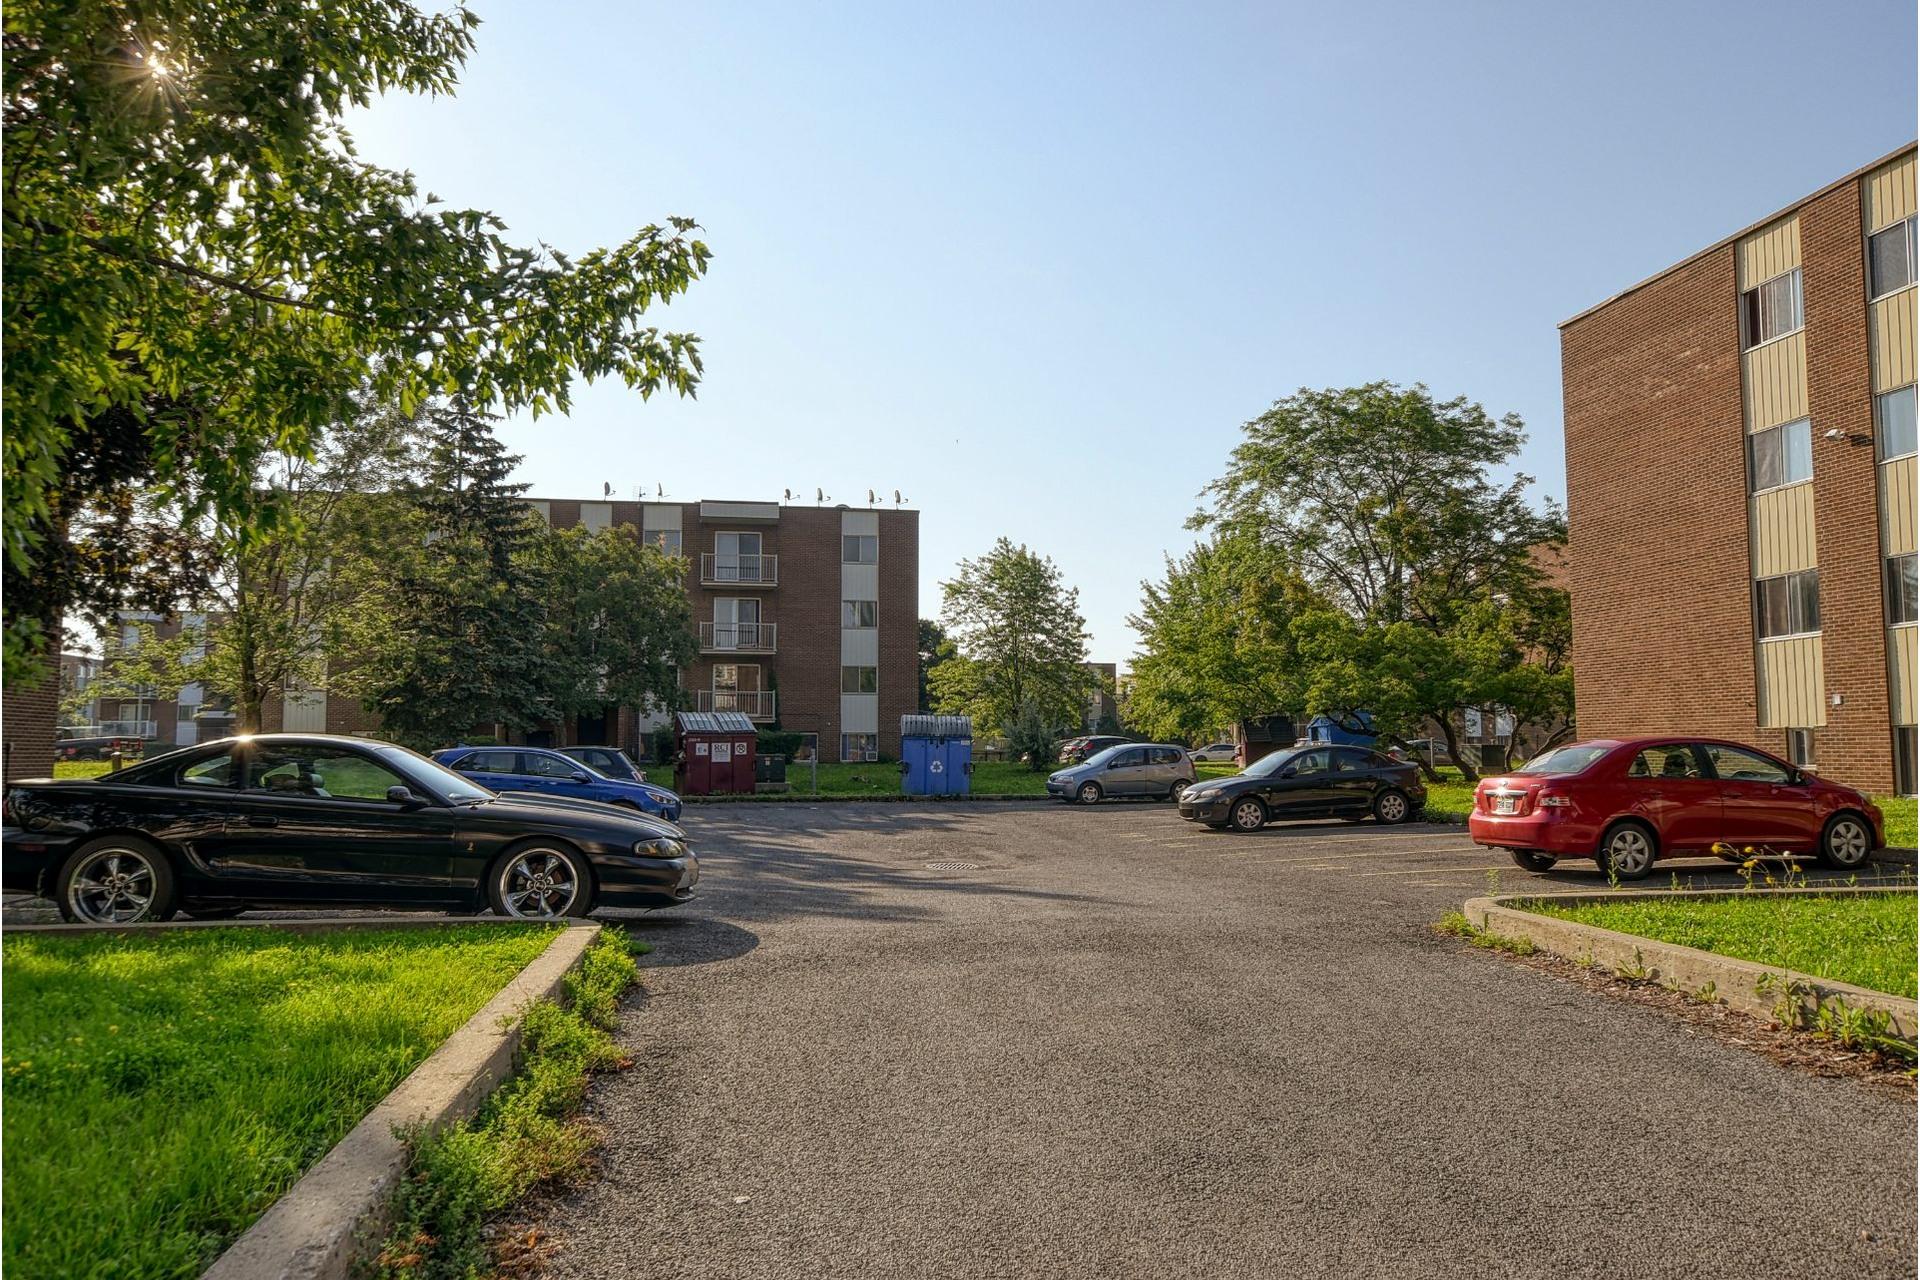 image 8 - Appartement À louer Le Vieux-Longueuil Longueuil  - 6 pièces